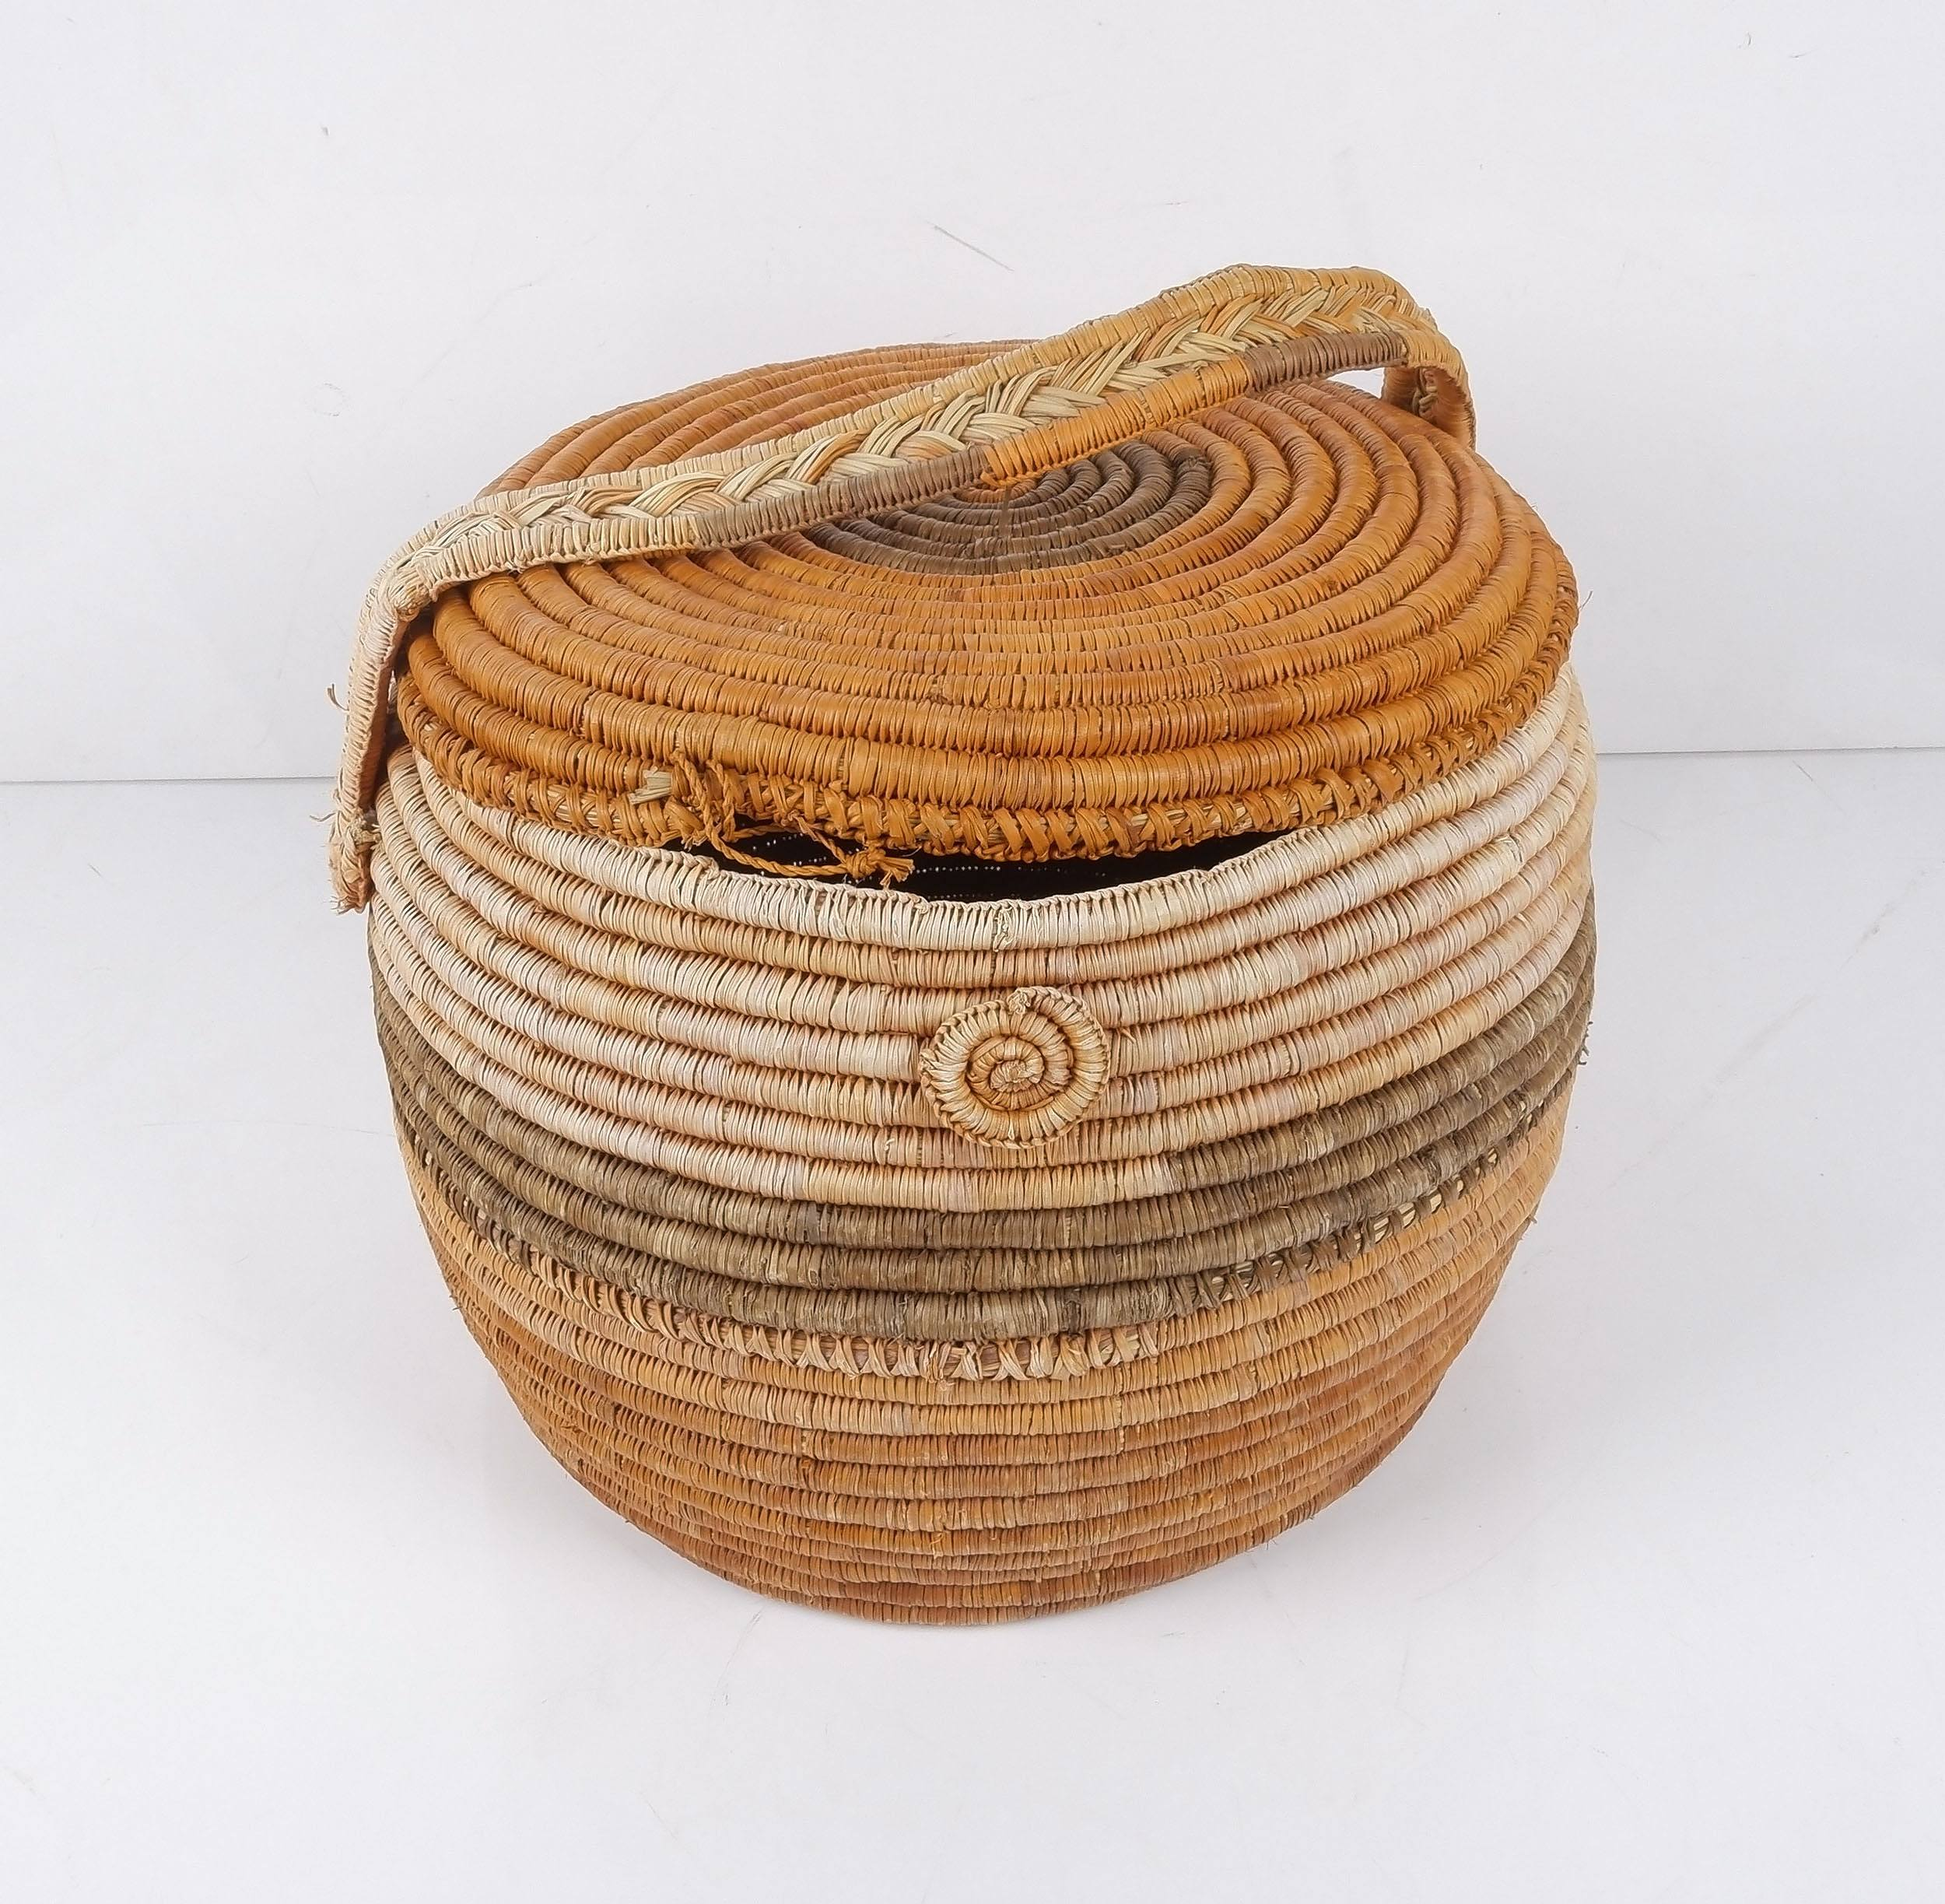 'Aboriginal Dyed Pandanus Basket by Ngal Maladba/Daisy Wogbara of Gunwinggu Clan'